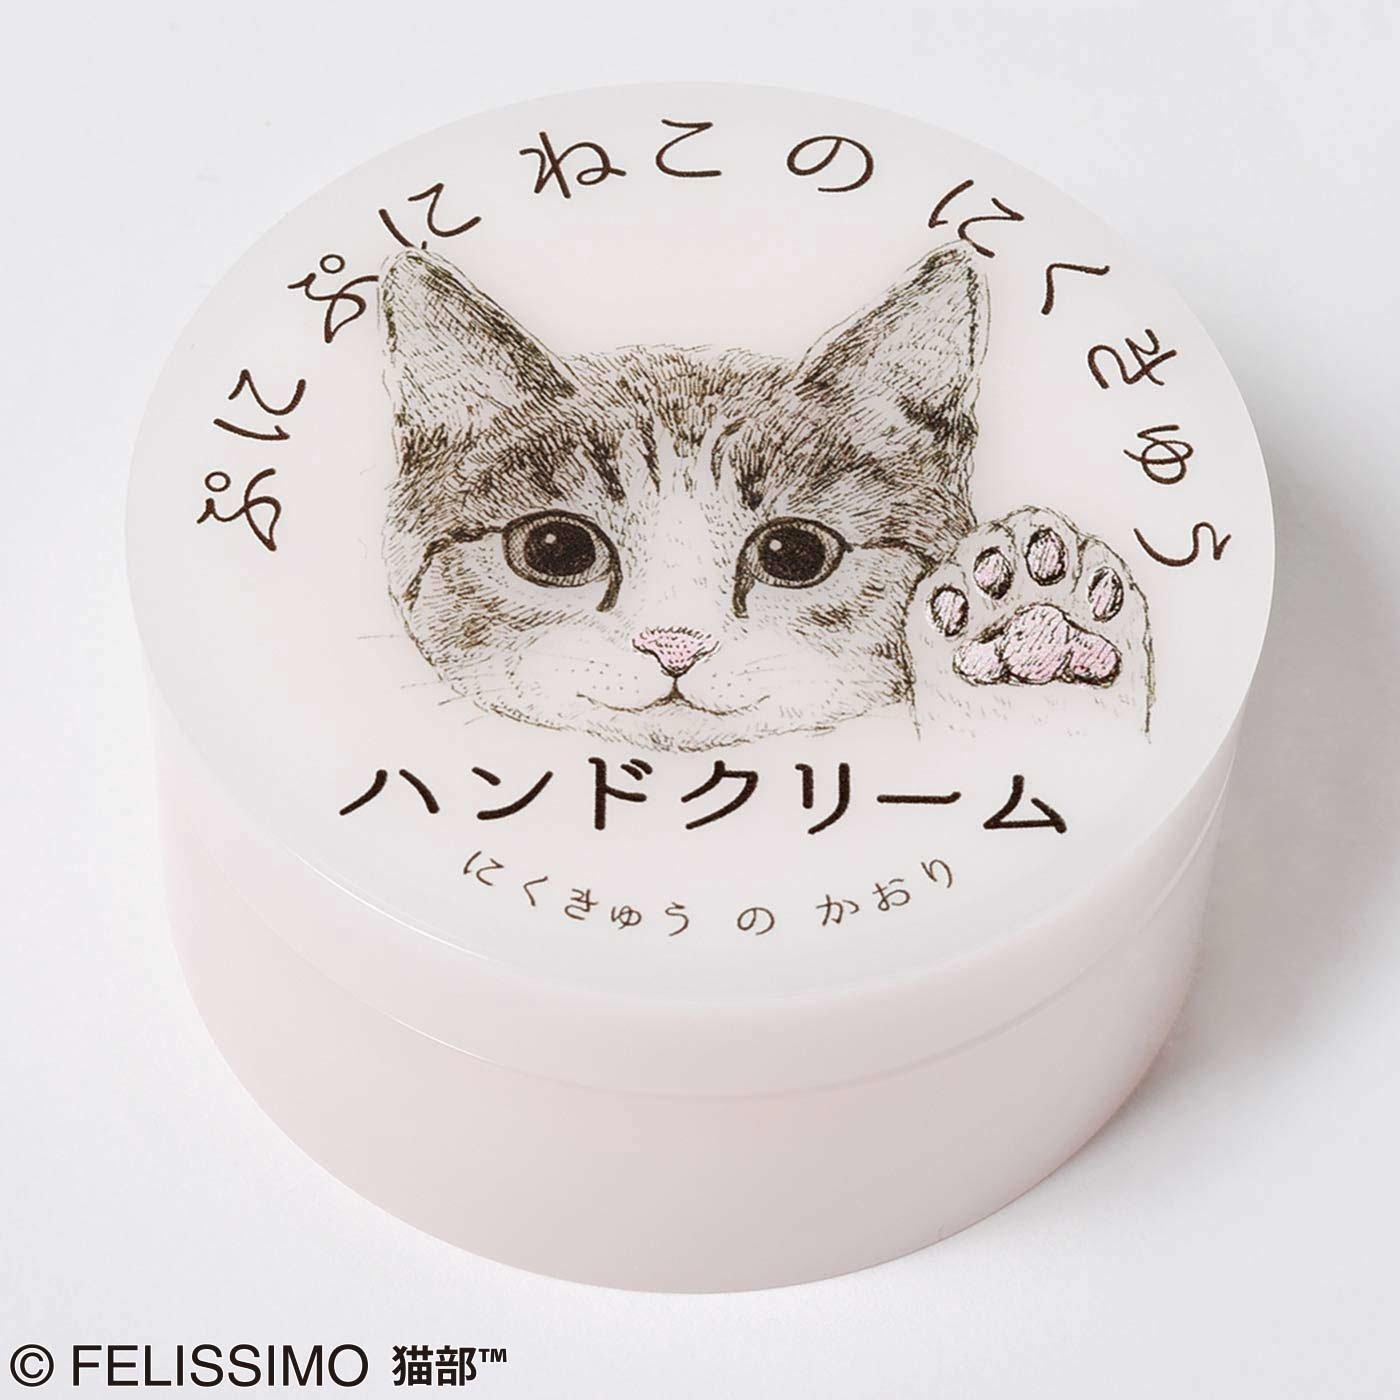 あの猫(こ)とおそろい!? プニプニ肉球の香り ハンドクリームの会